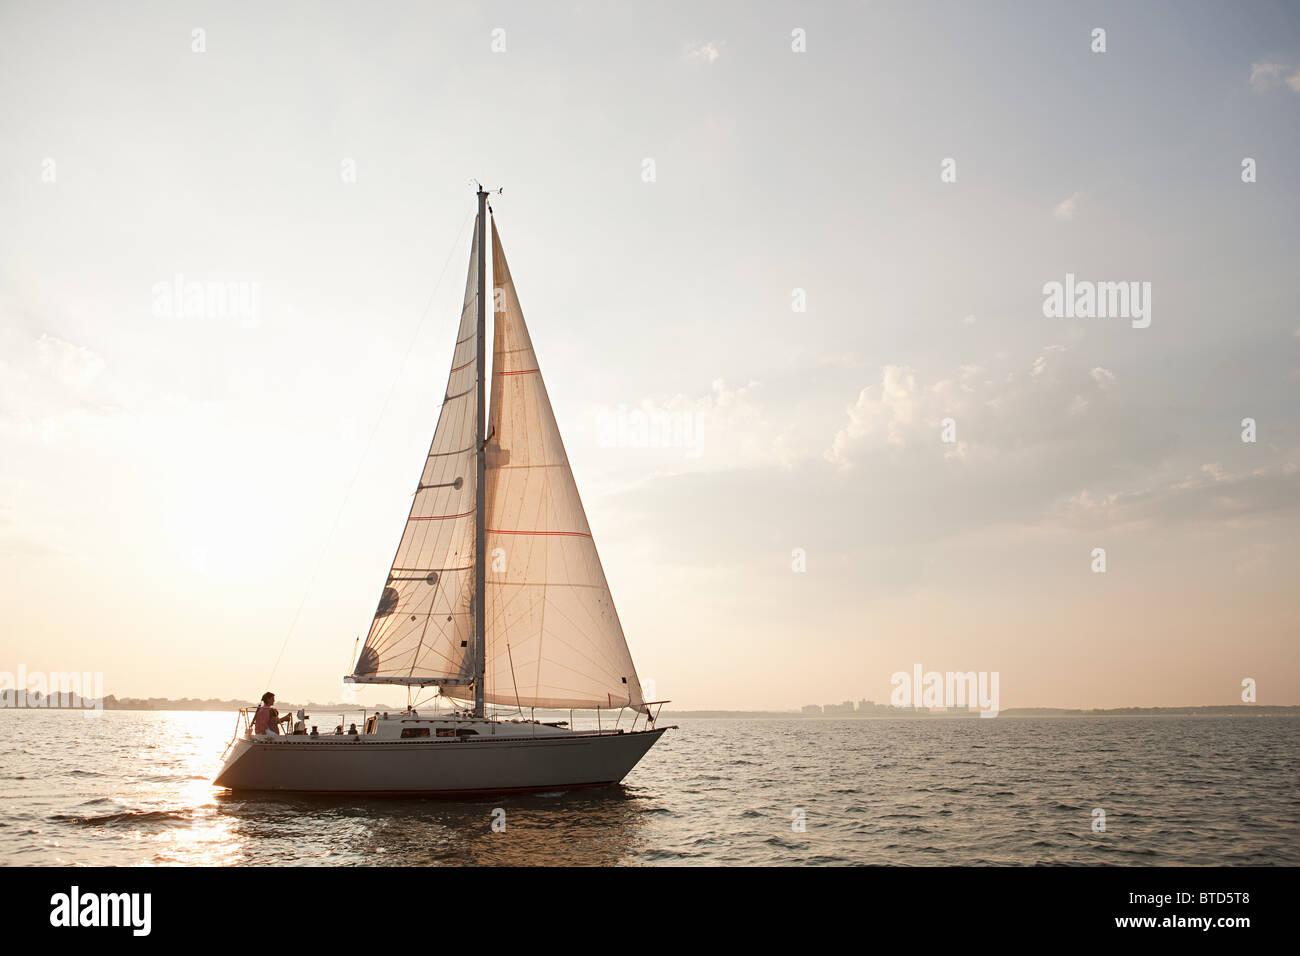 Yacht segeln am Meer Stockbild